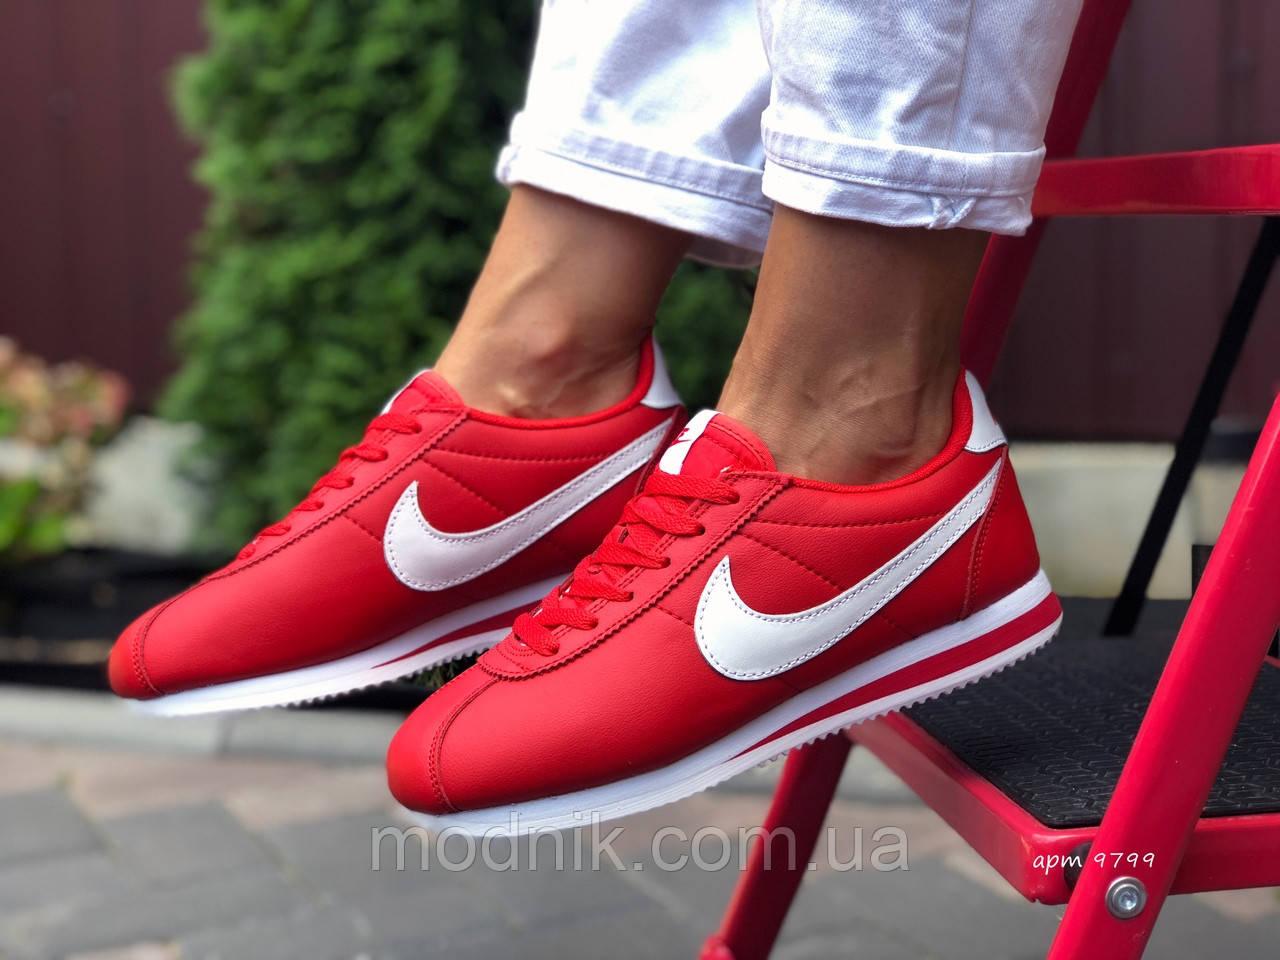 Женские кроссовки Nike Cortez (красные) 9799